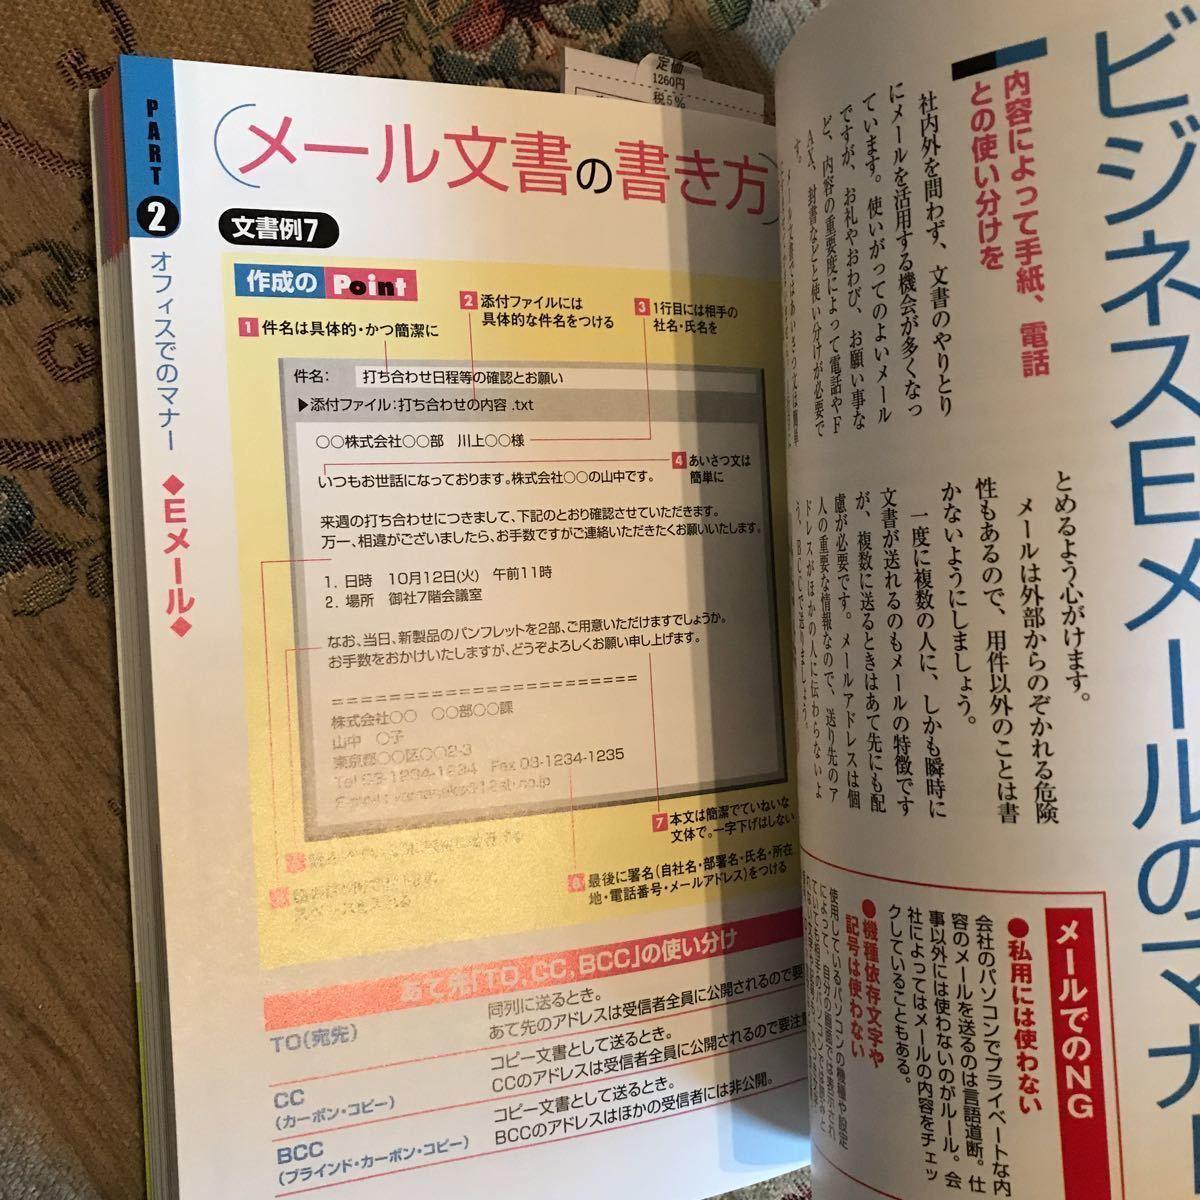 「社会人のためのマナーとルール これだけは知っておきたい カラー版」 主婦の友社 定価: ¥ 1,296